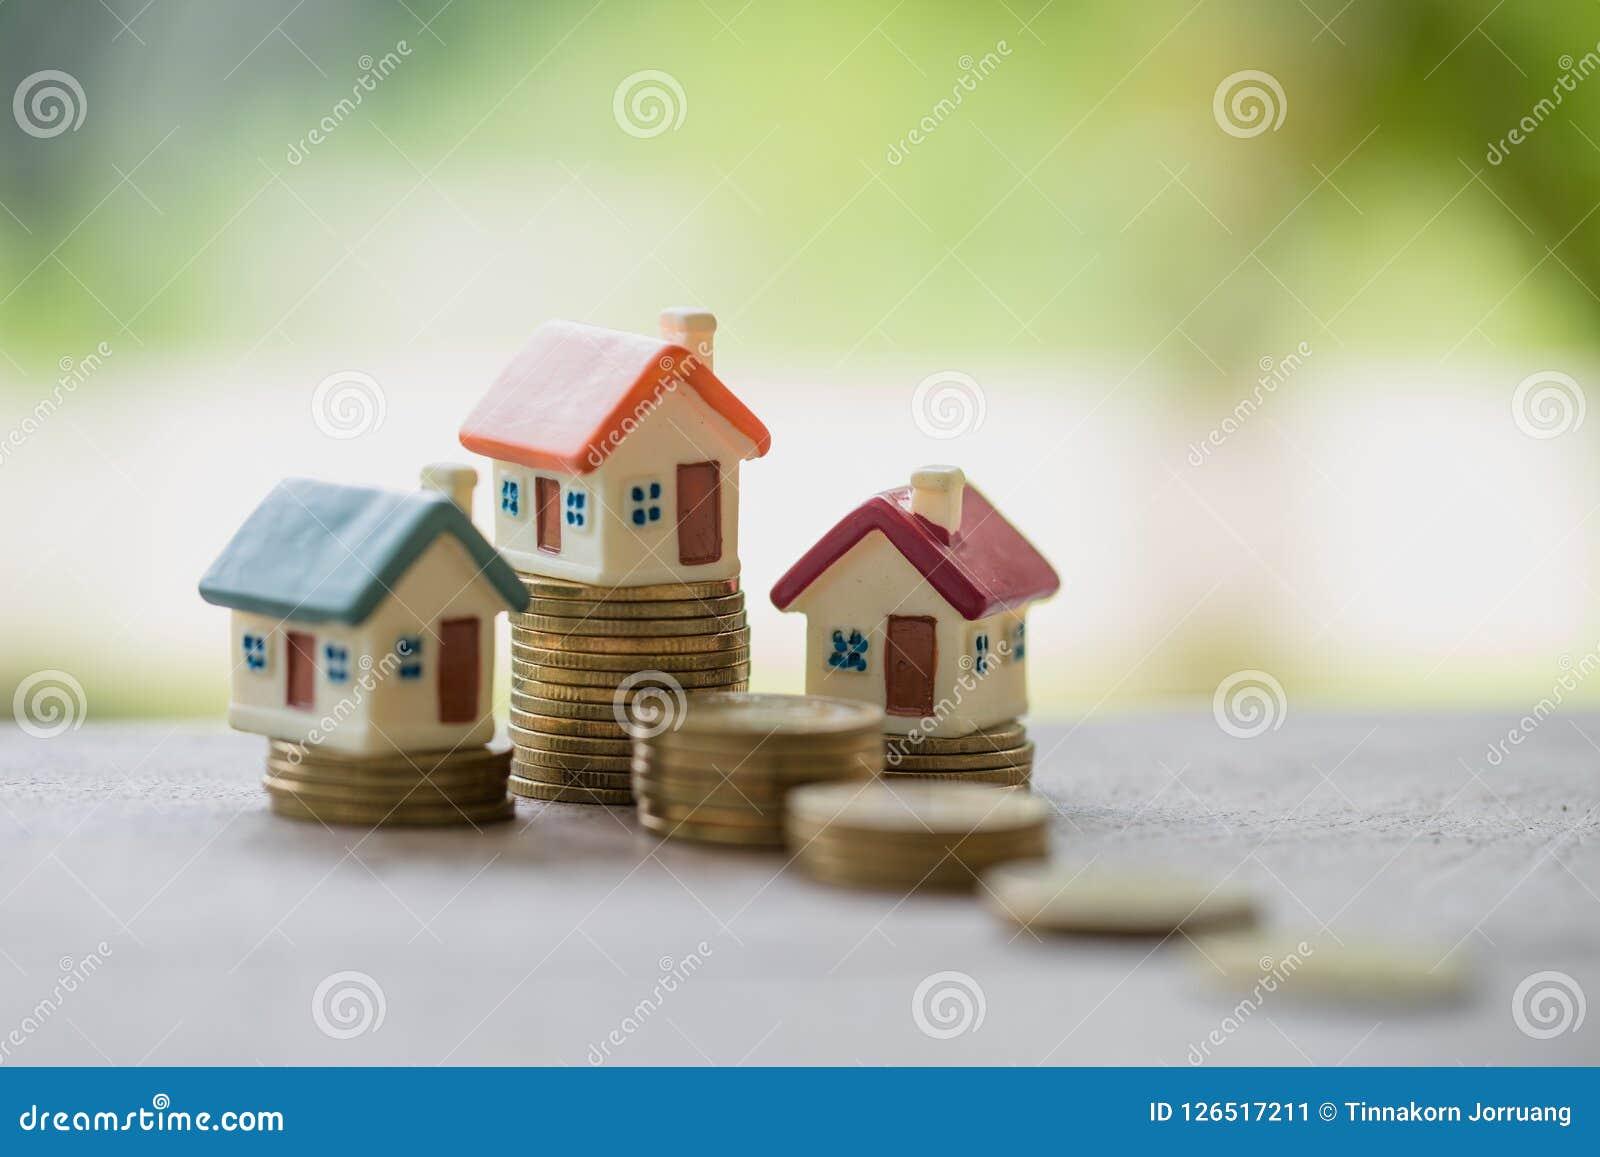 堆的硬币,不动产投资微型房子,存金钱